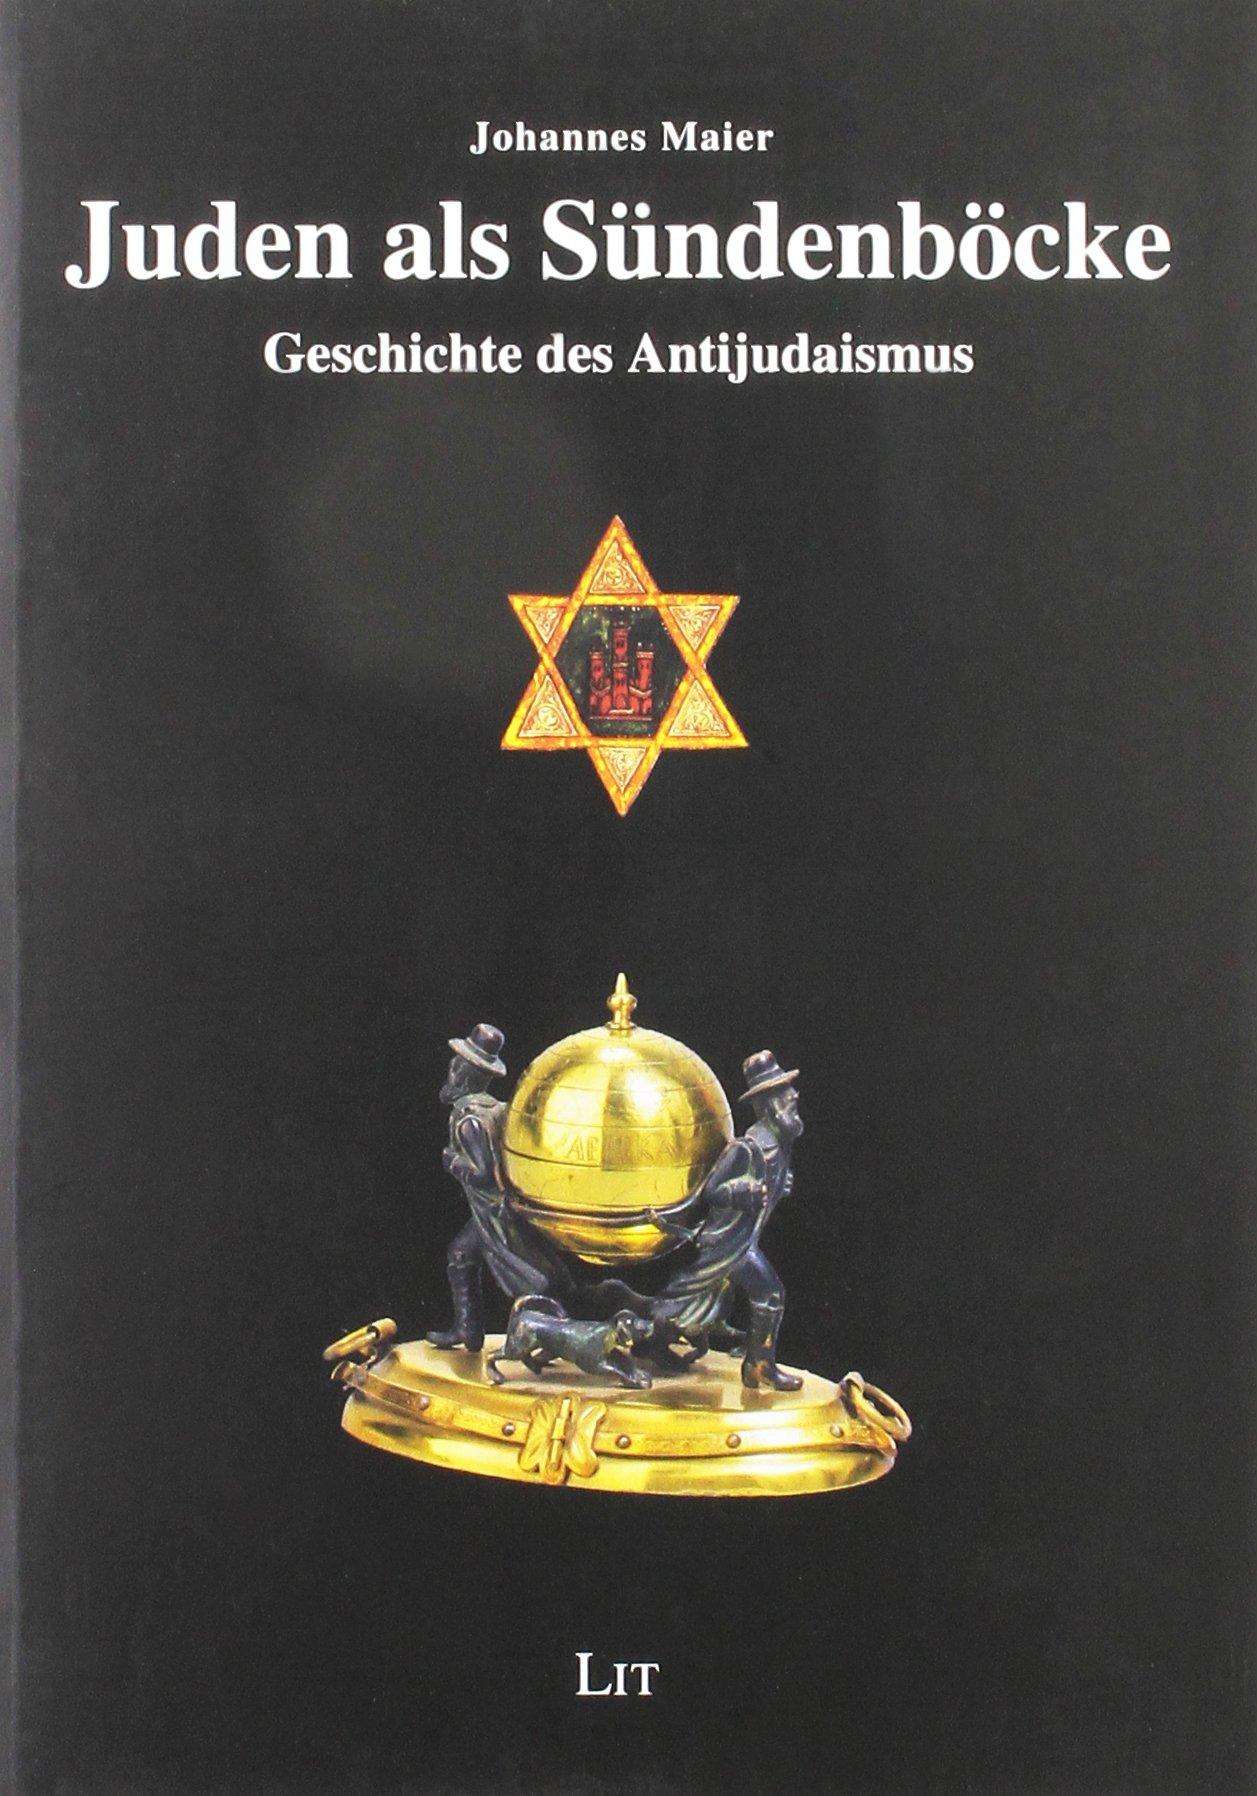 Juden als Sündenböcke: Geschichte des Antijudaismus